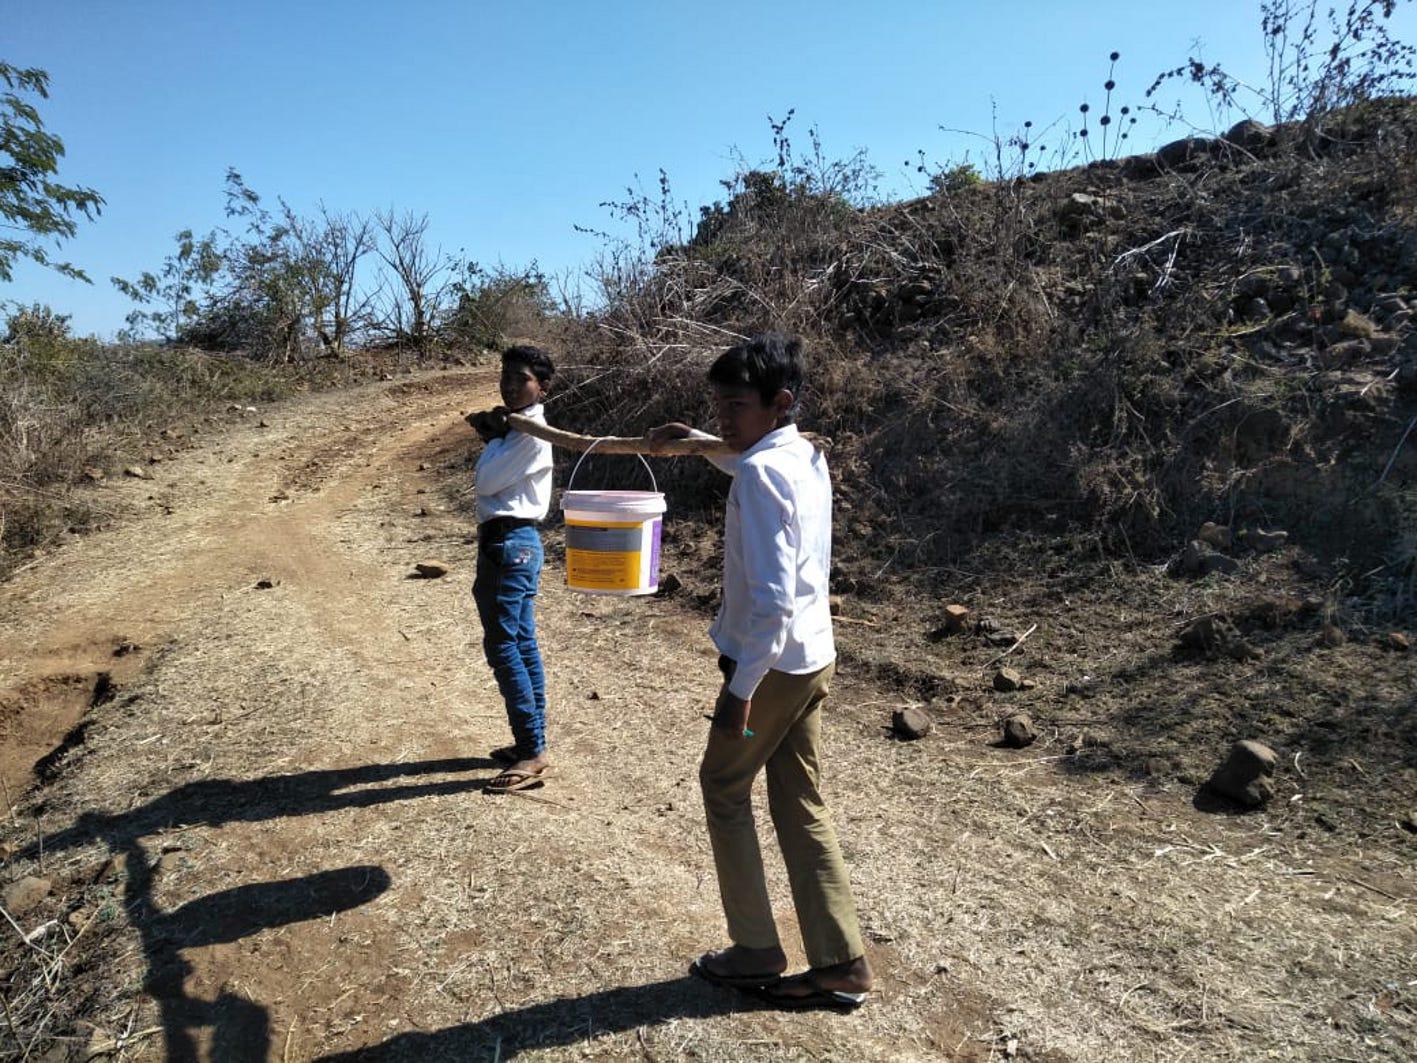 पानी की बाल्टी लेकर ऊबड़-खाबड़ पहाड़ी में चढ़ते हैं स्कूली बच्चे